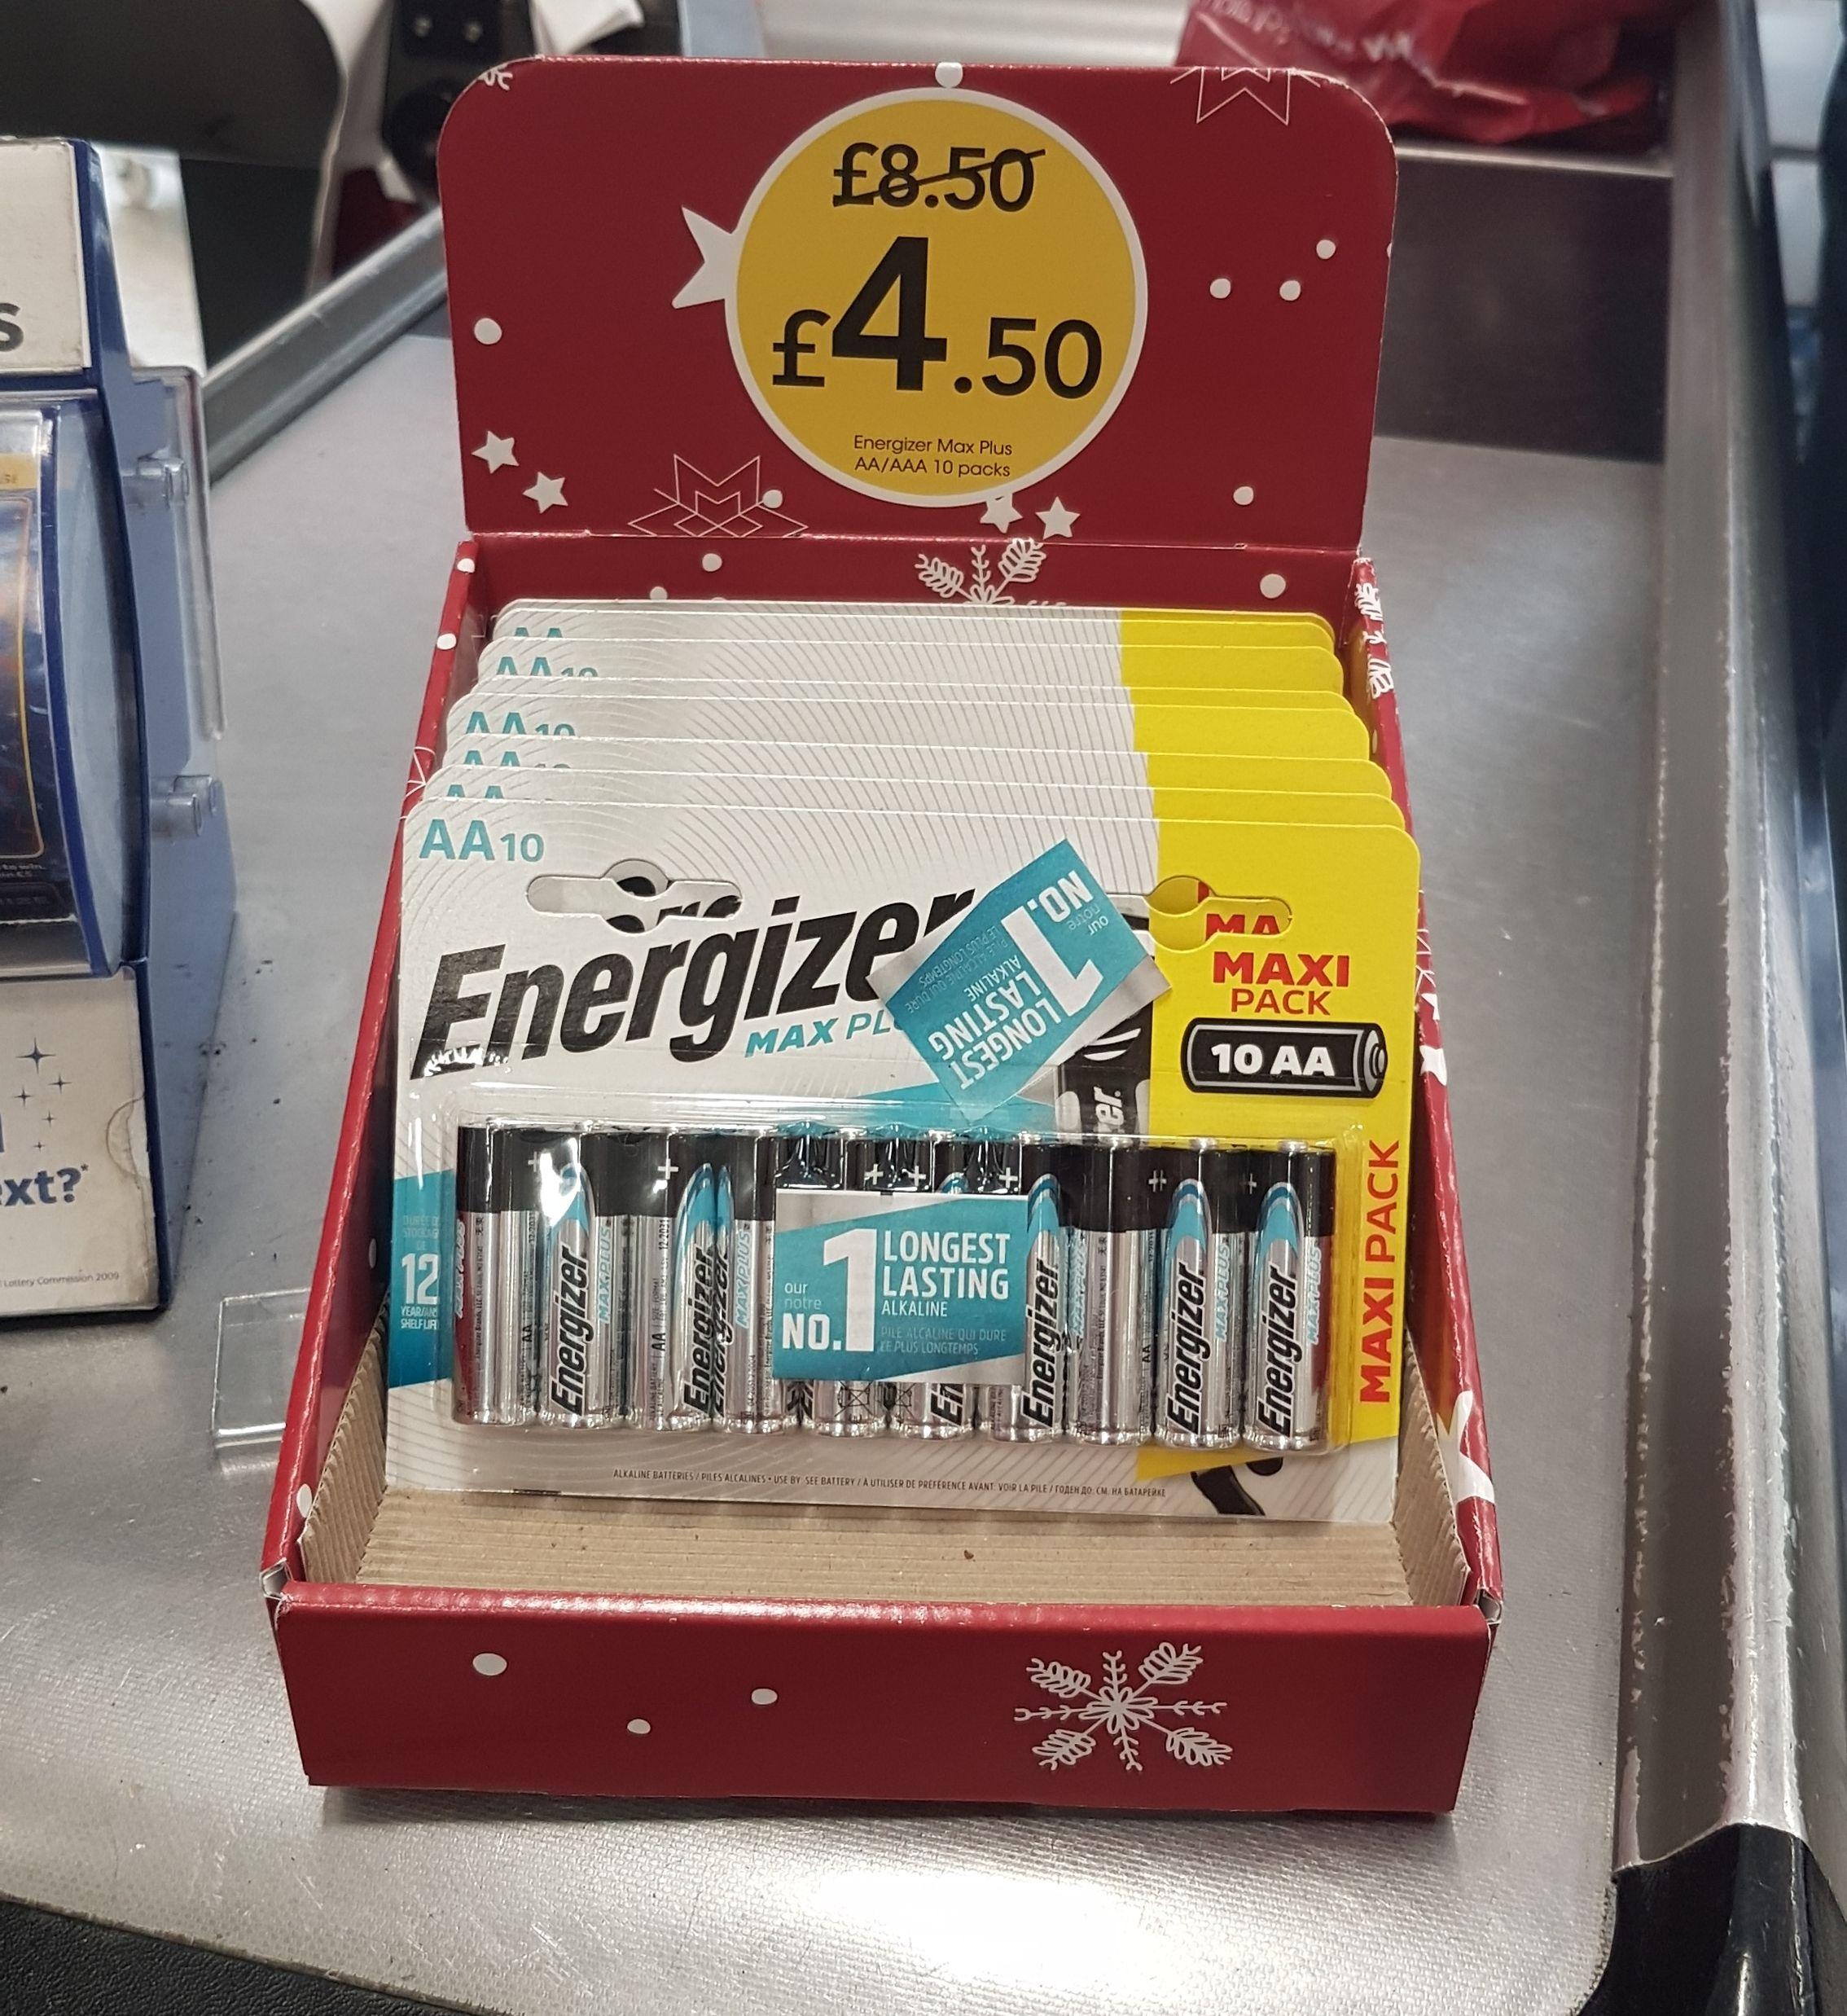 Half price Energizer MaxPlus AA & AAA Batteries 10 pack £4.50 @ wilko